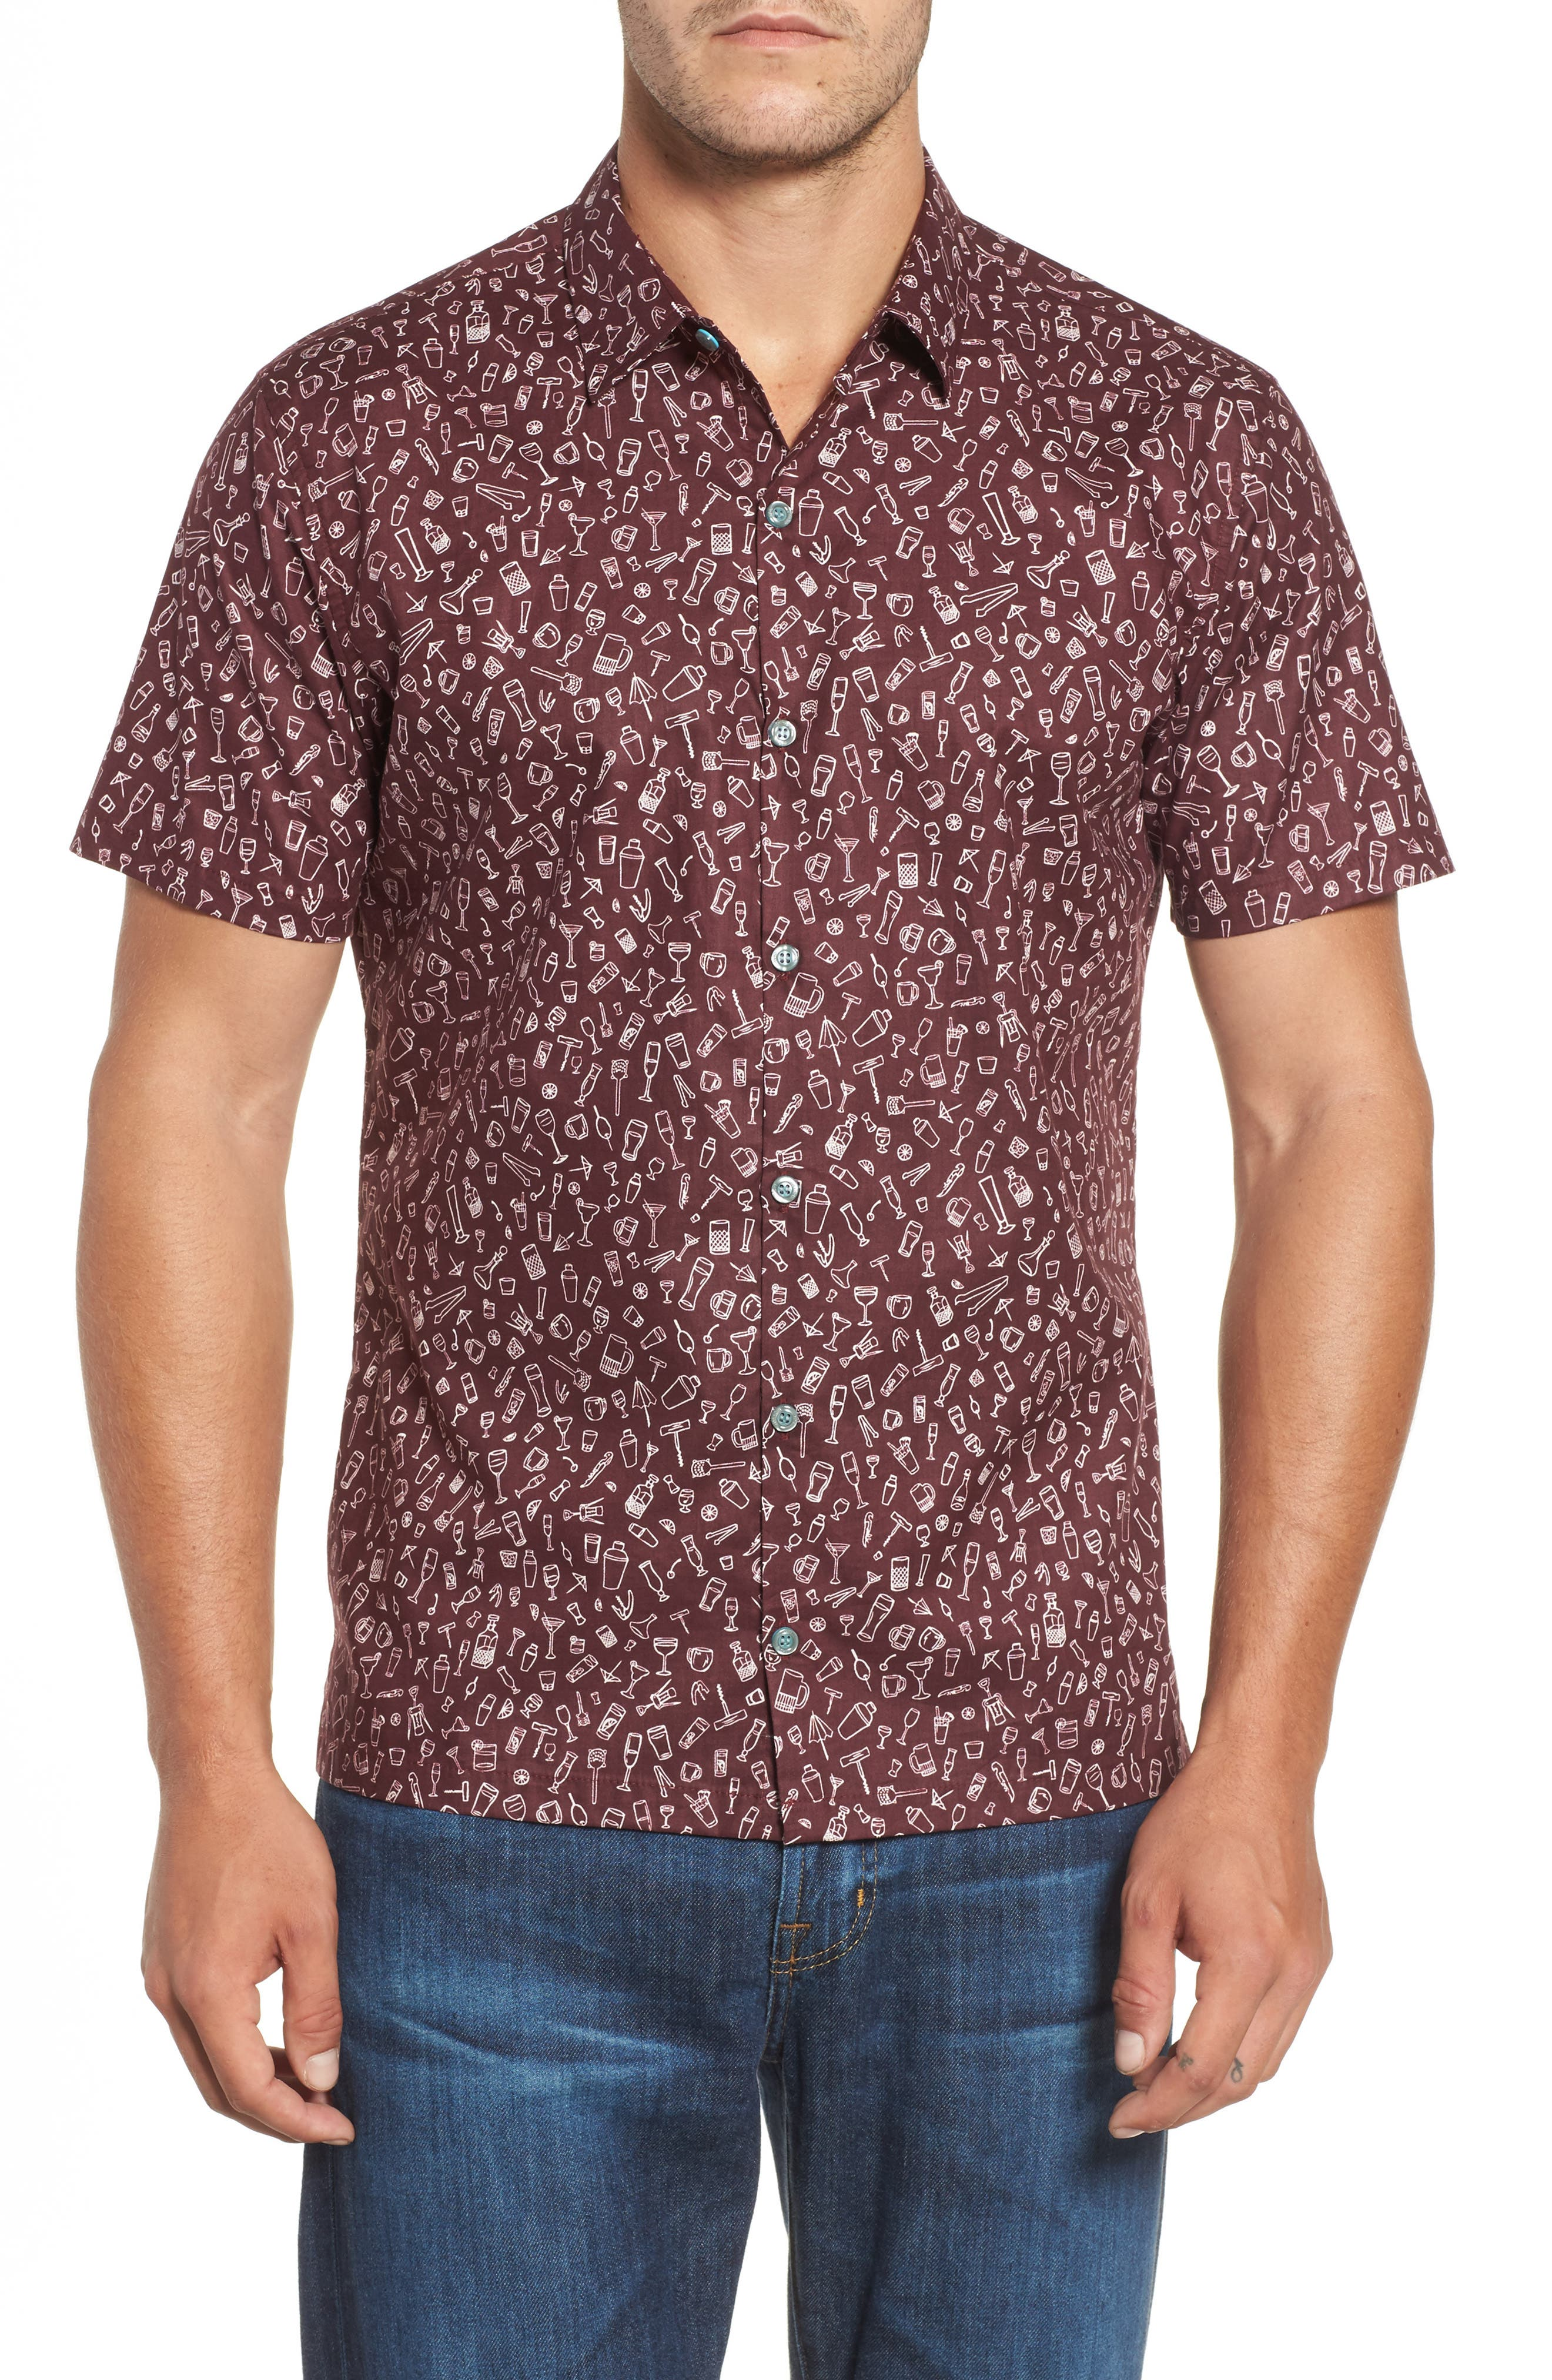 5 PM Slim Fit Camp Shirt,                         Main,                         color, 600